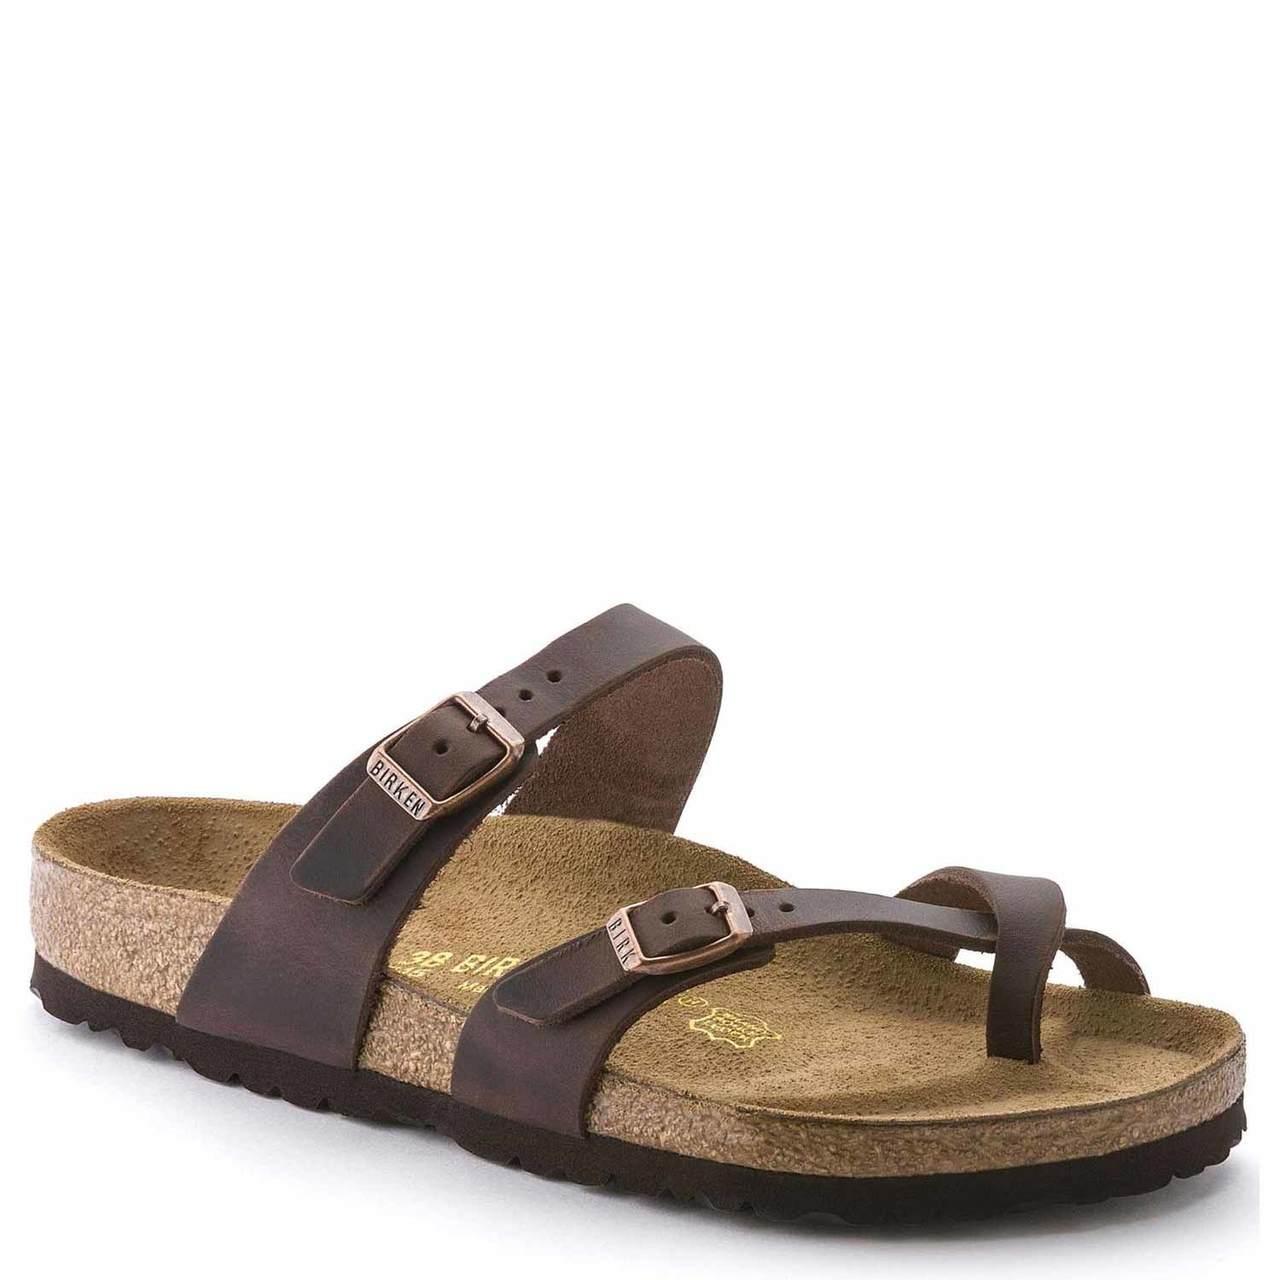 MAYARI HABANA Oiled Leather Sandals